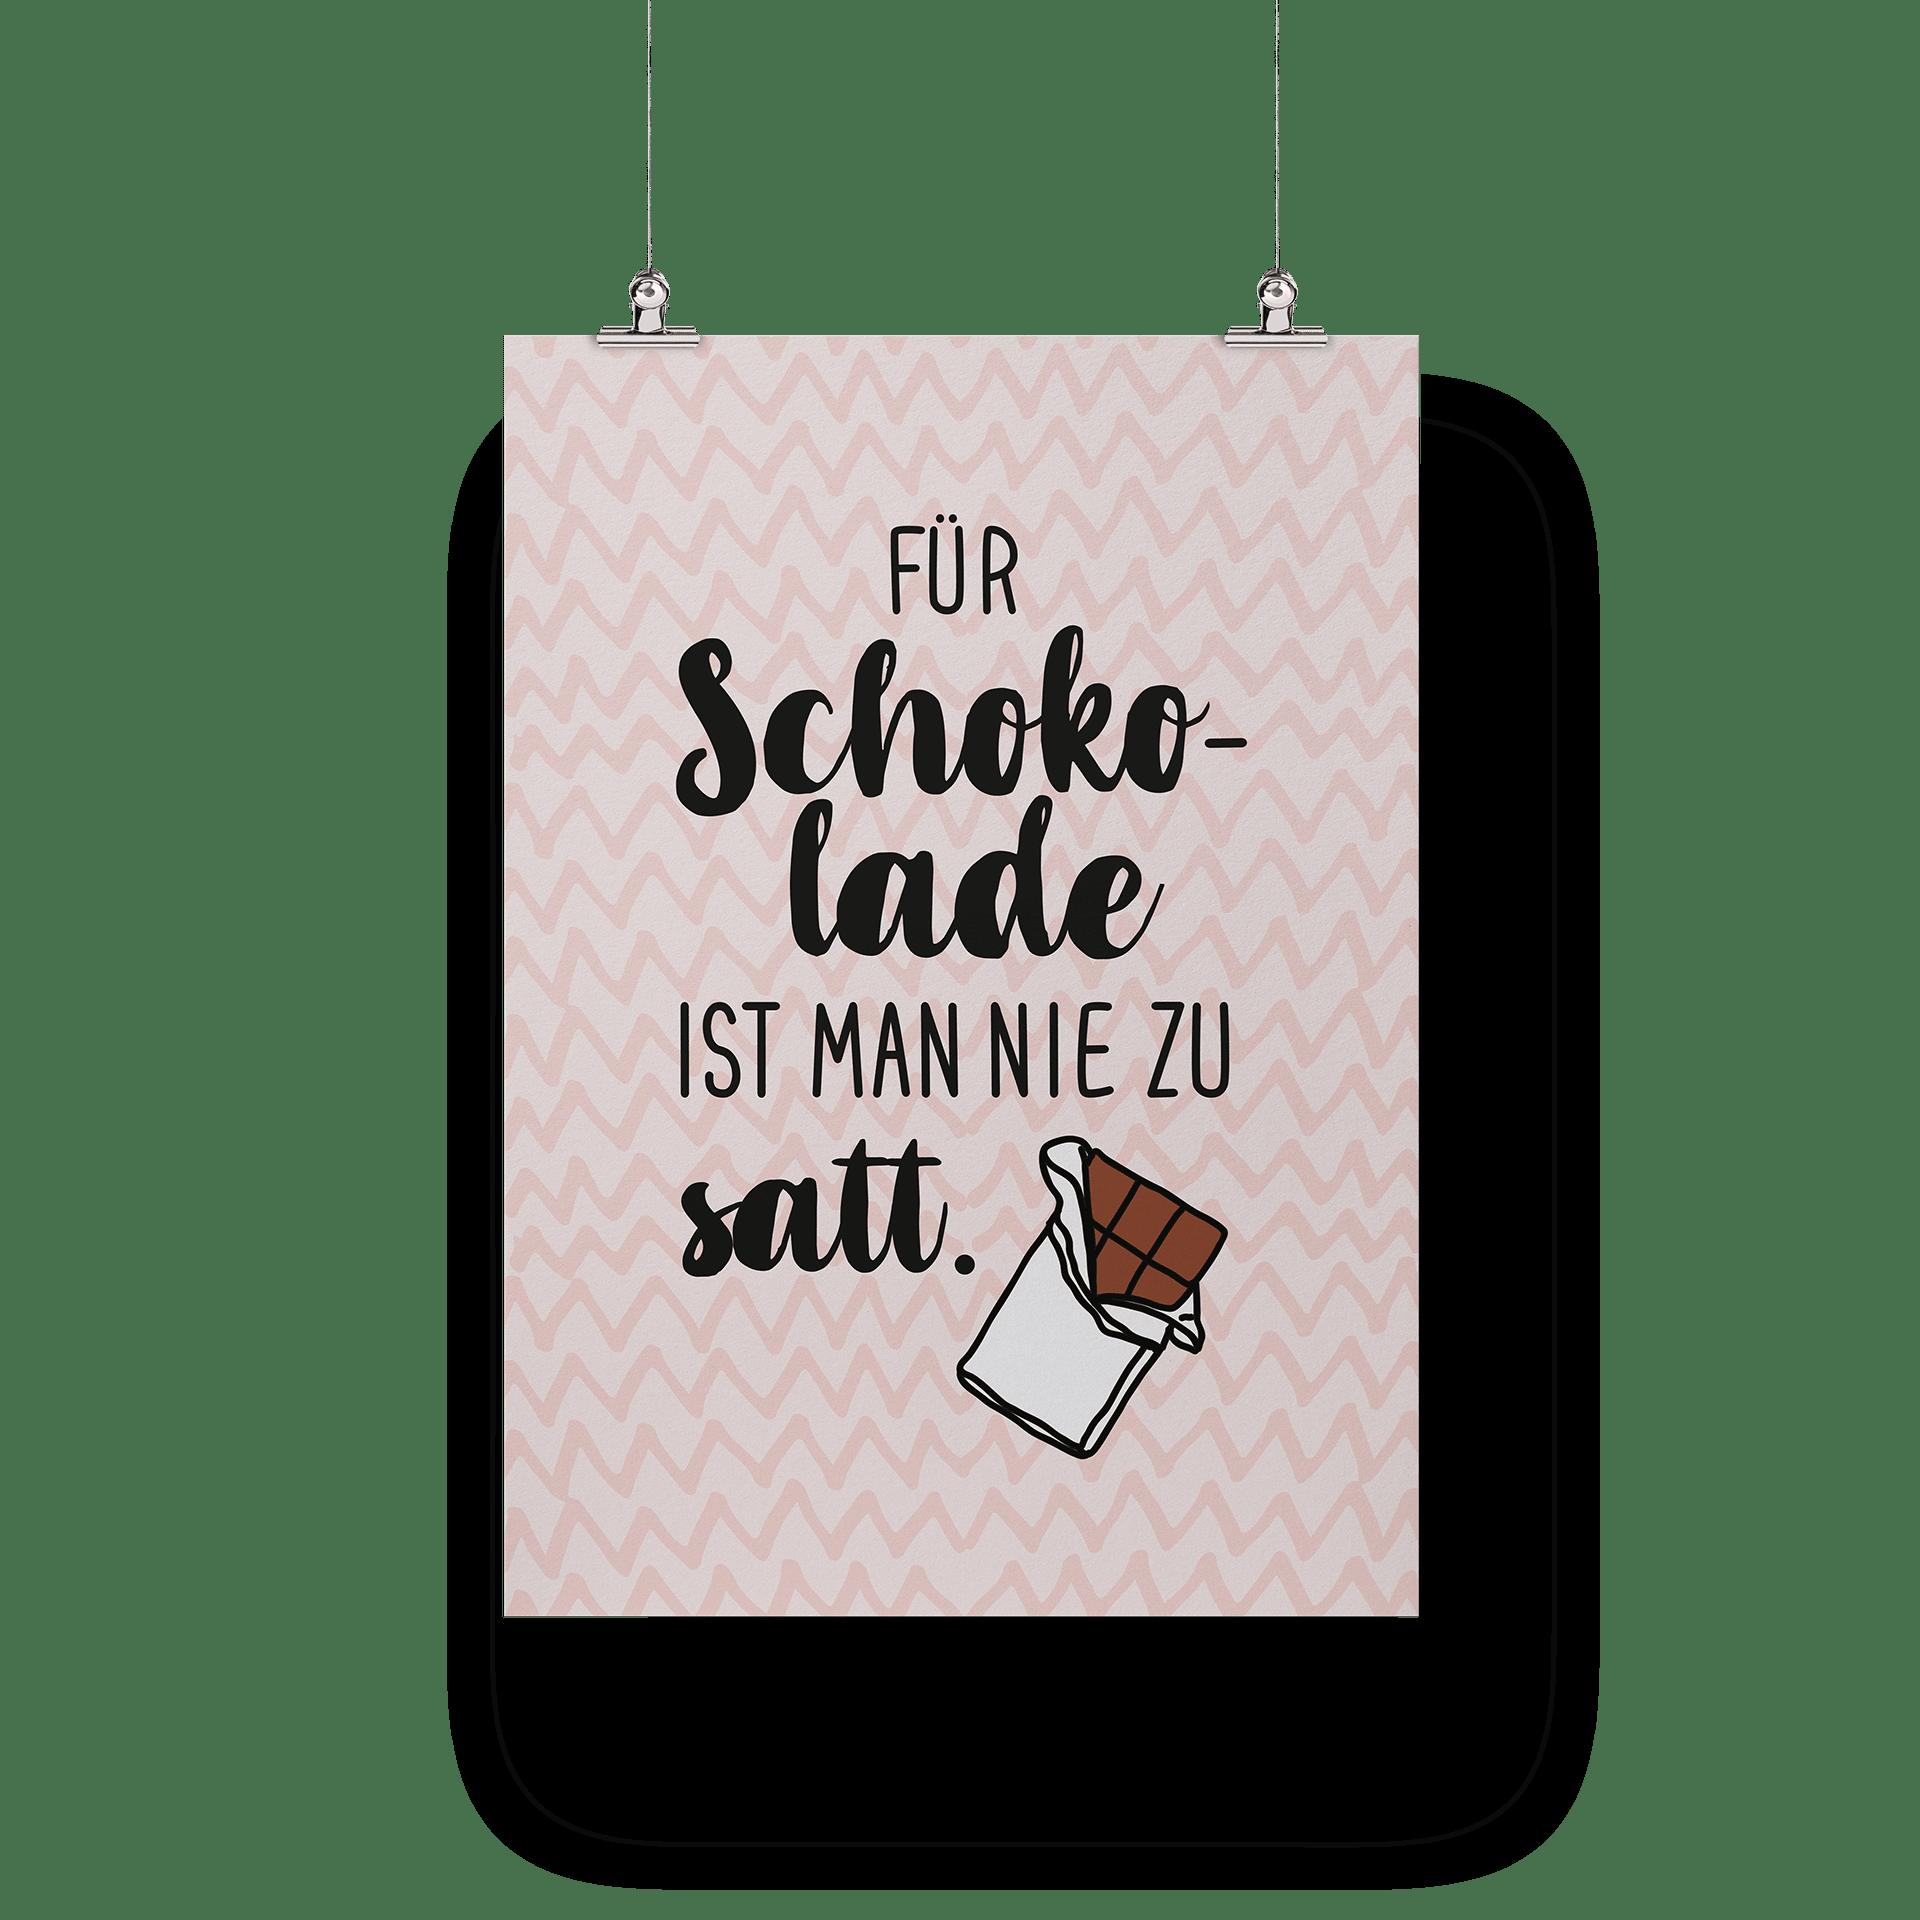 Für Schokolade ist man nie zu satt - Poster